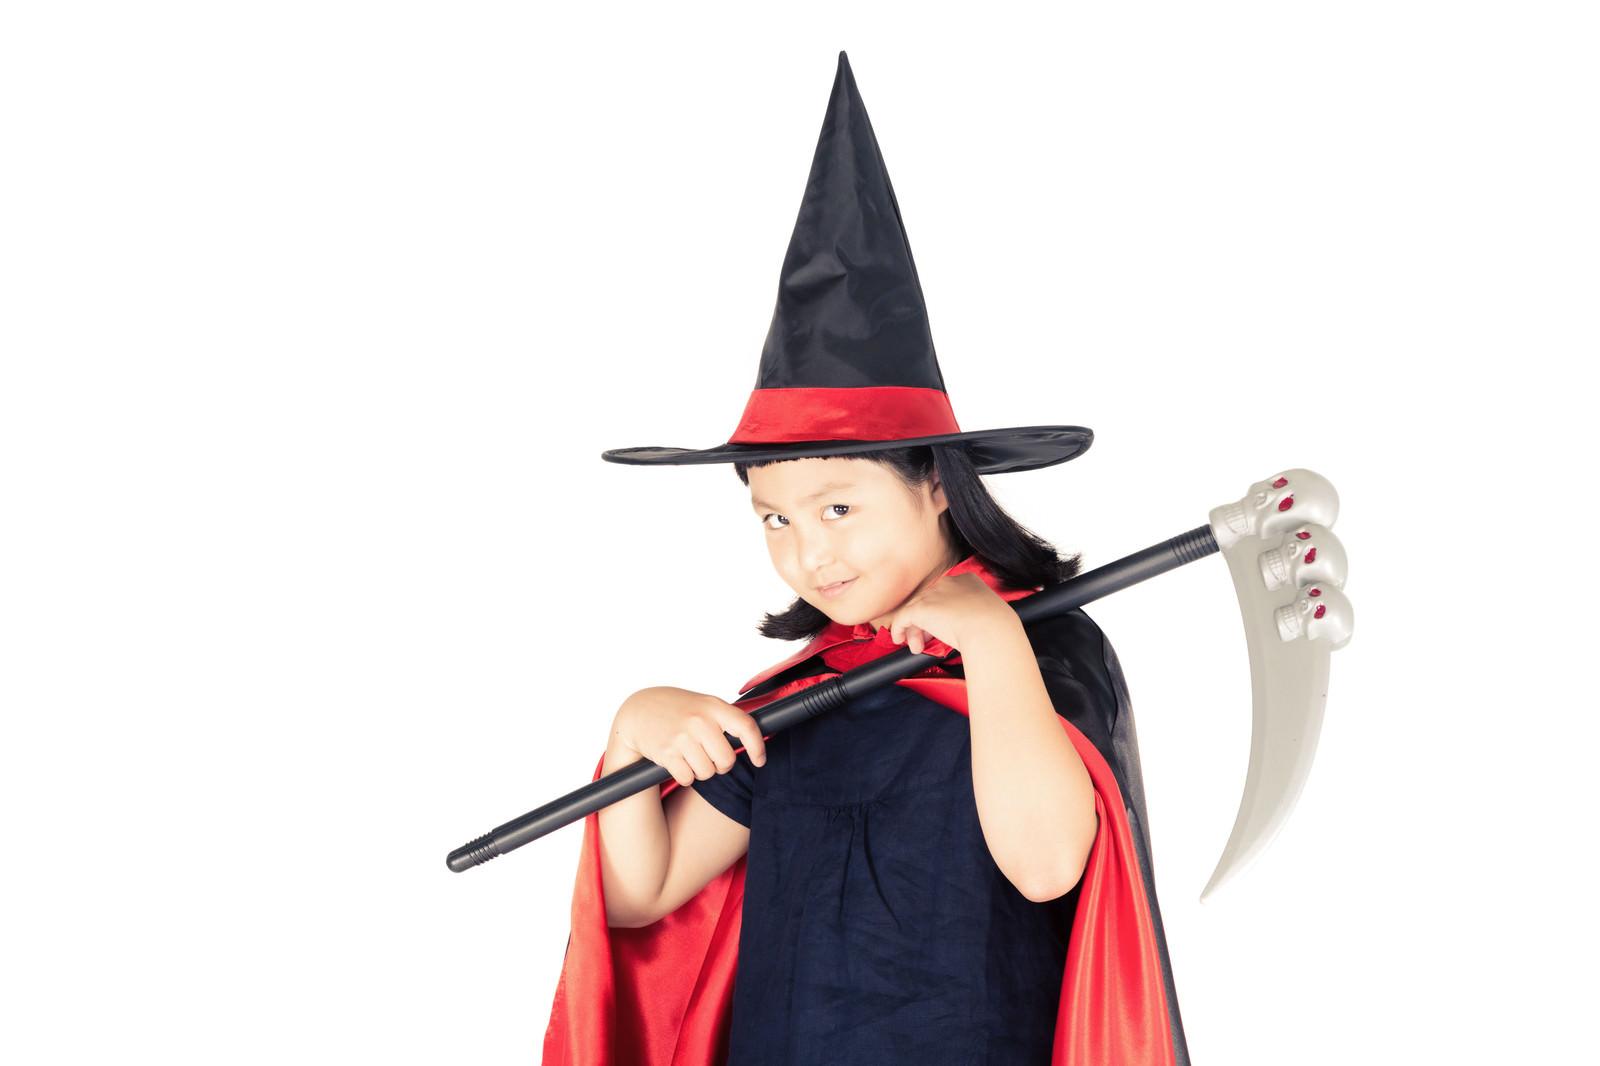 「ハロウィンの衣装を着せたら娘の様子がおかしい」の写真[モデル:ゆうき]